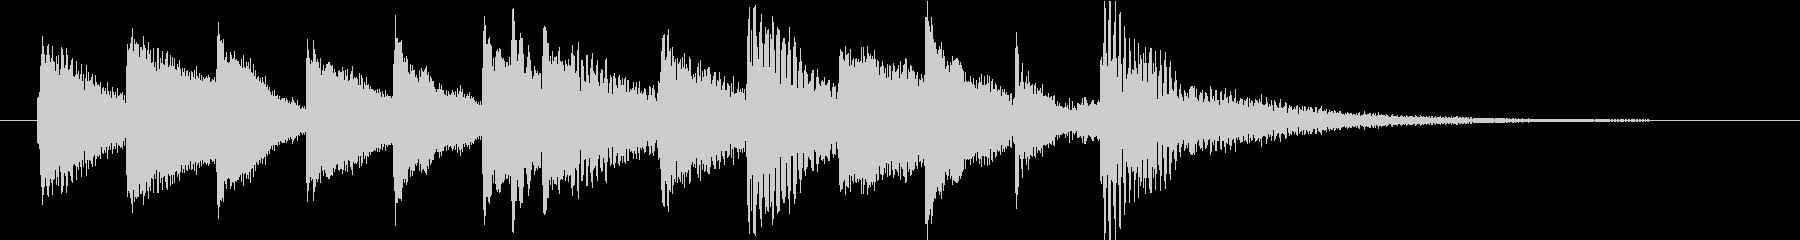 ピアノによる明るくポジティブなジングルの未再生の波形